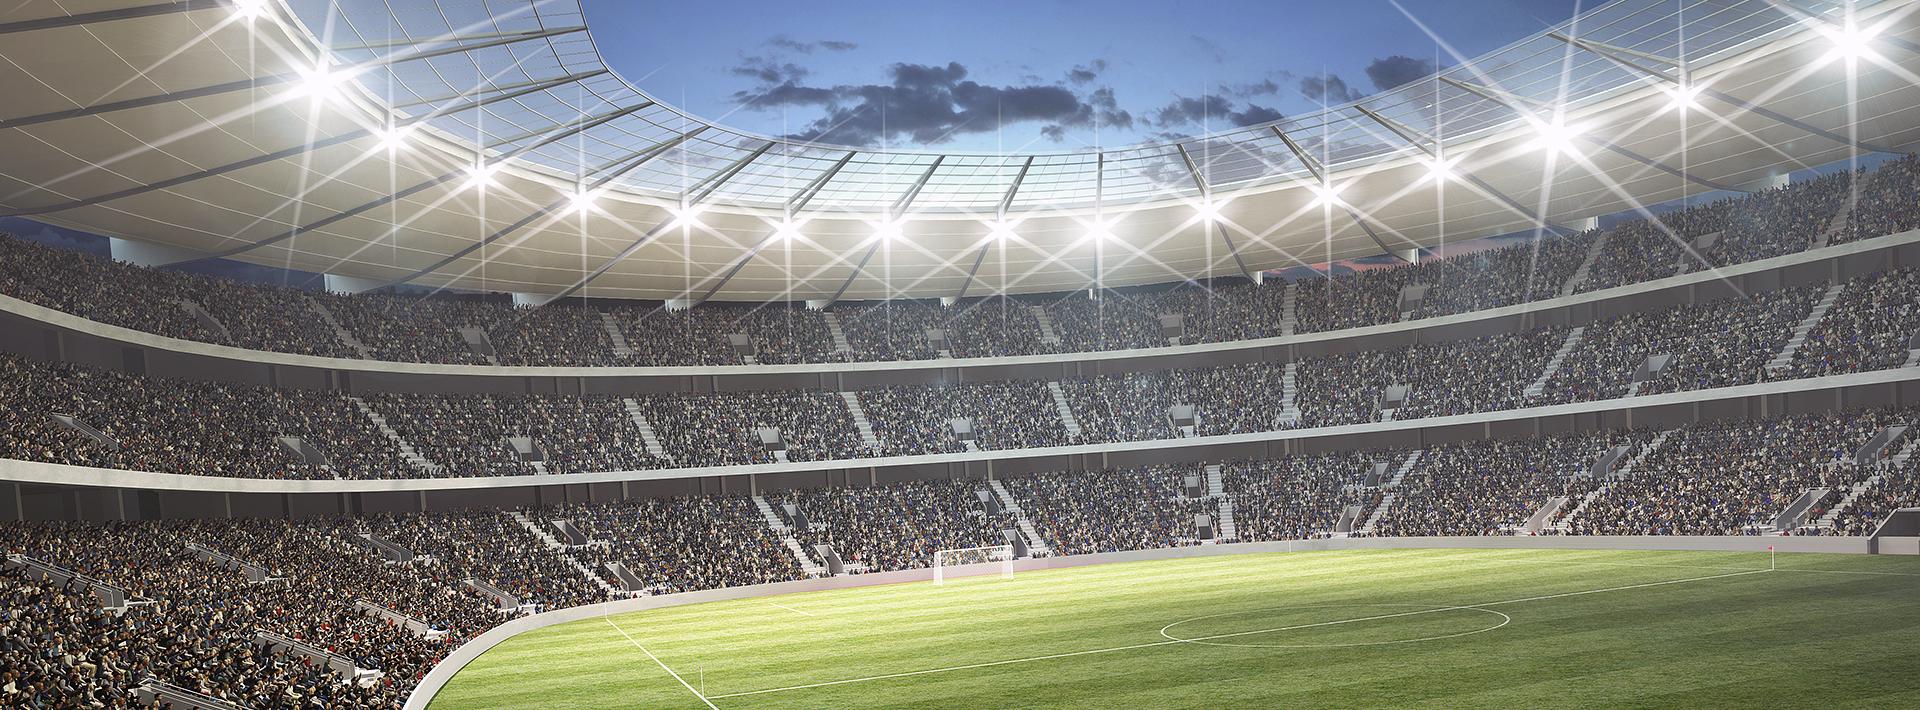 Stadien und Sportstätten